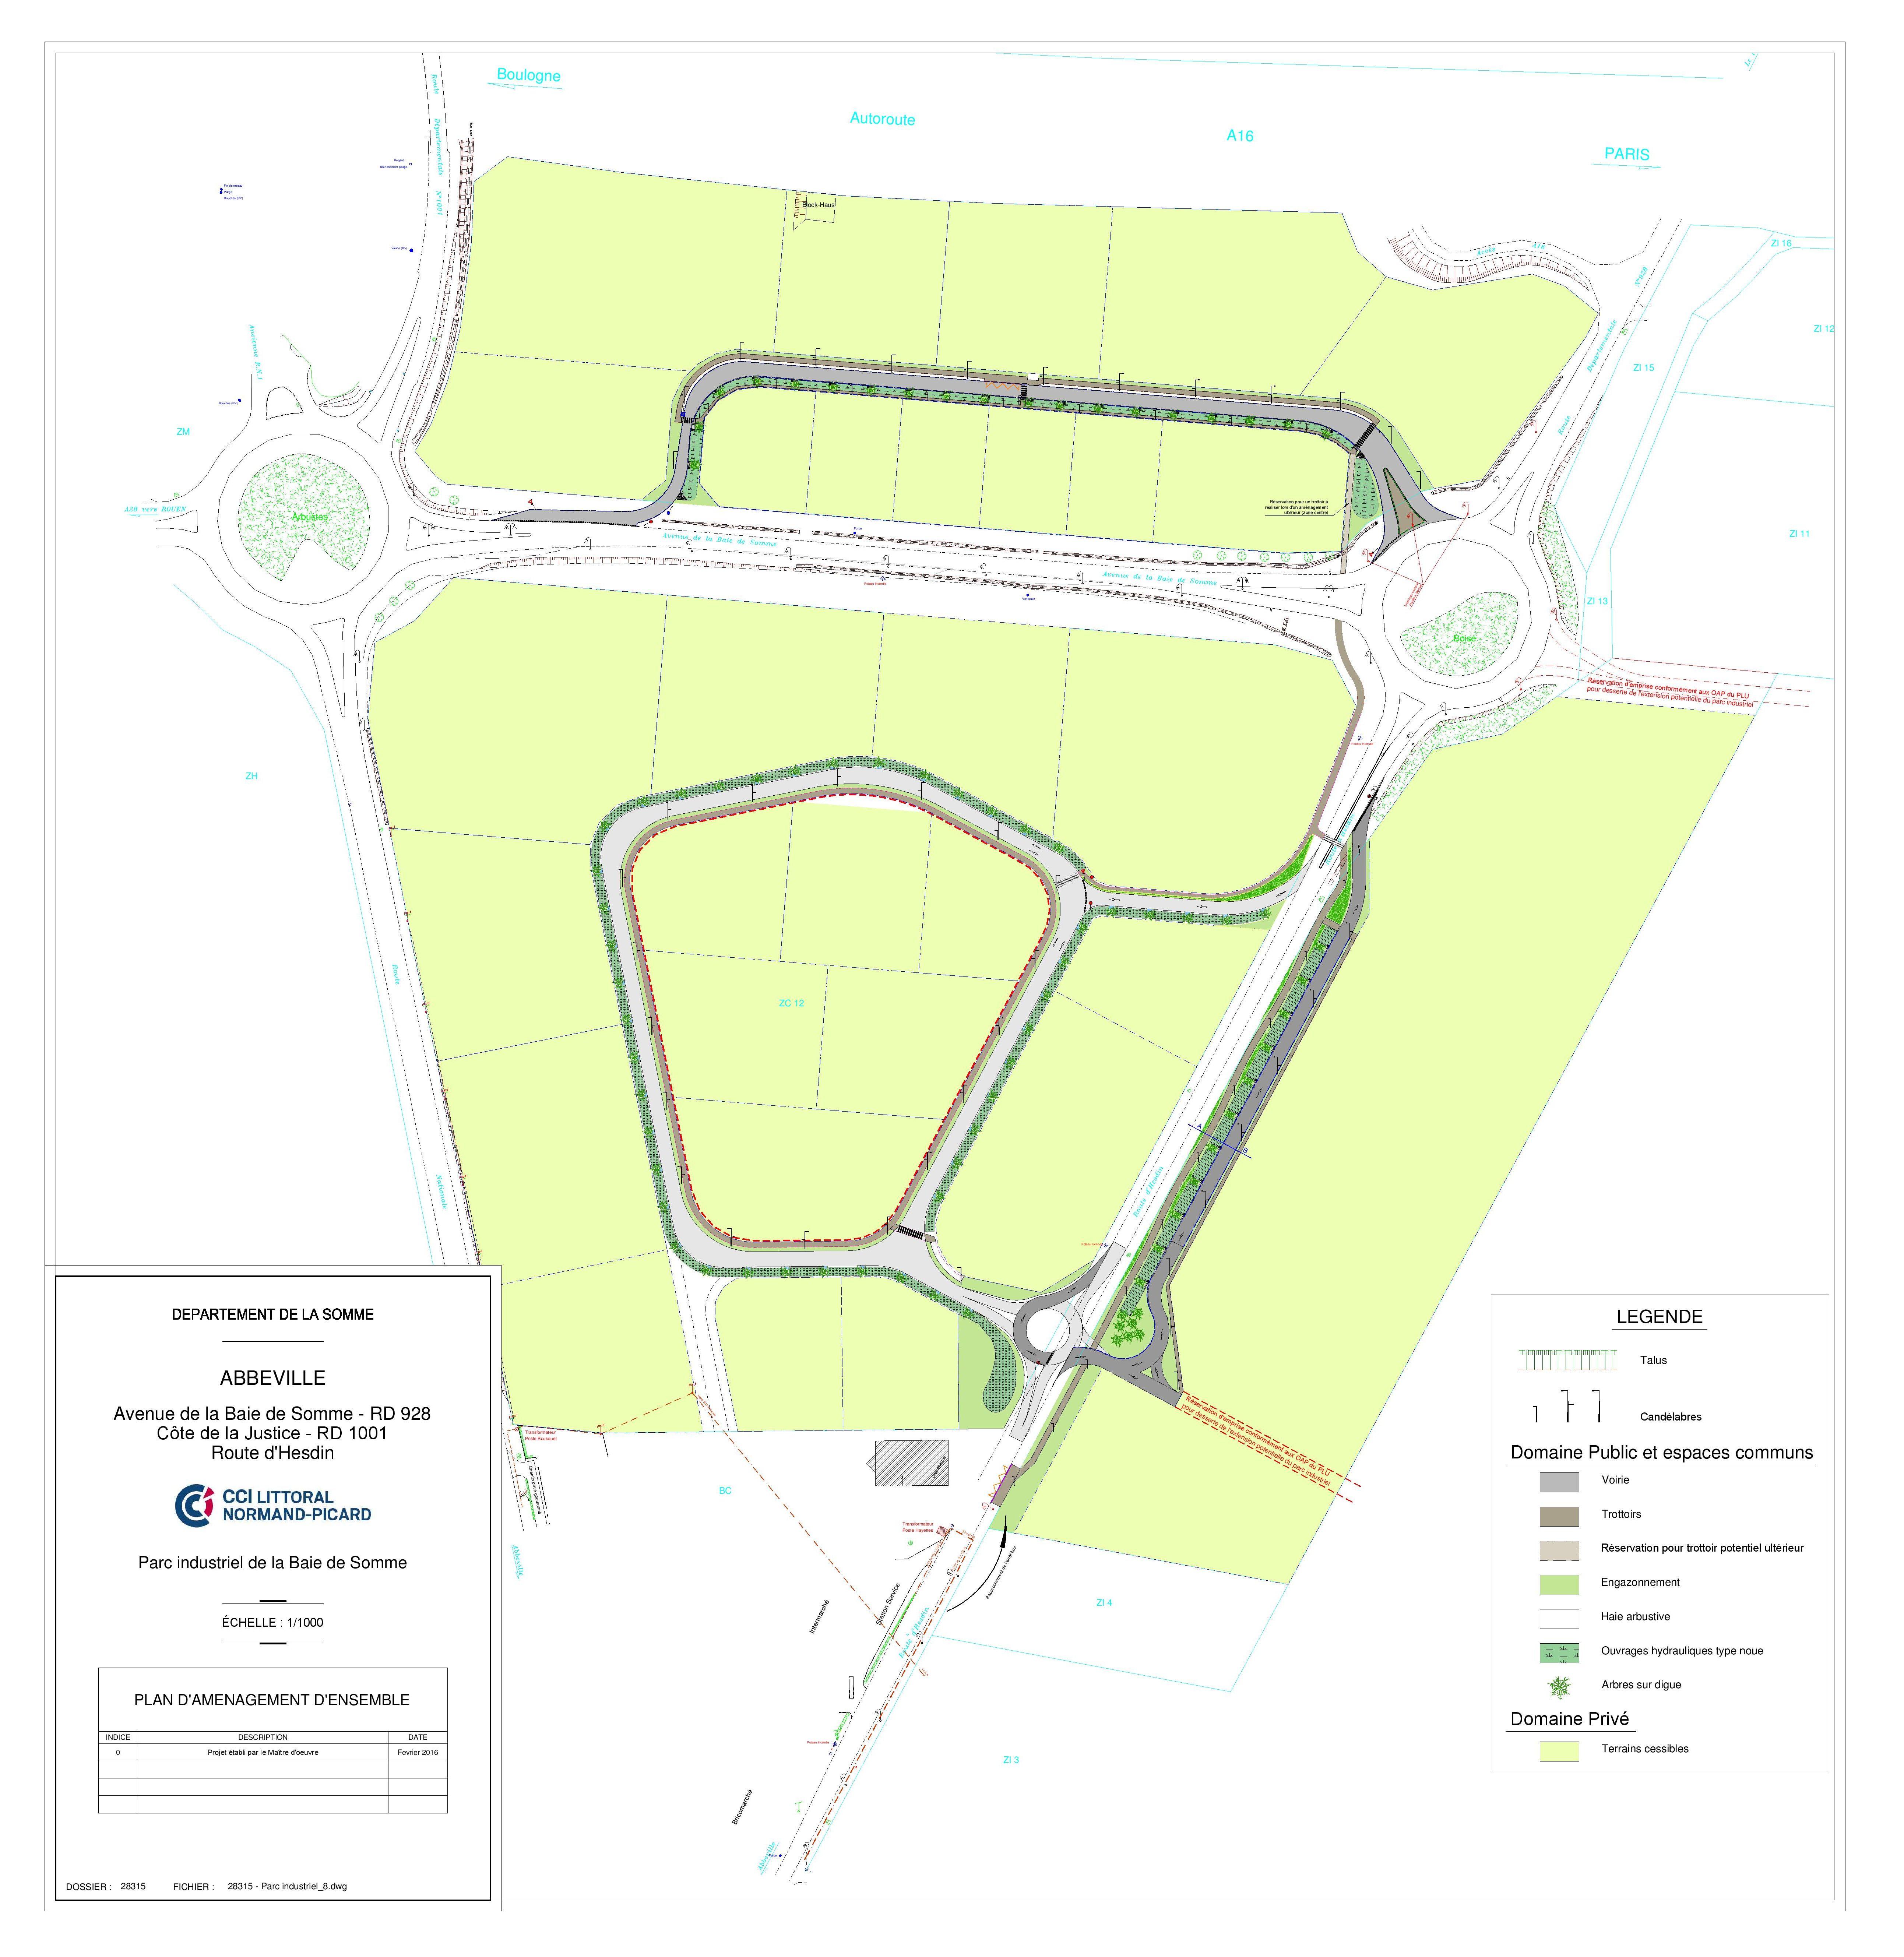 Plan du parc industriel Baie de Somme - ABBEVILLE